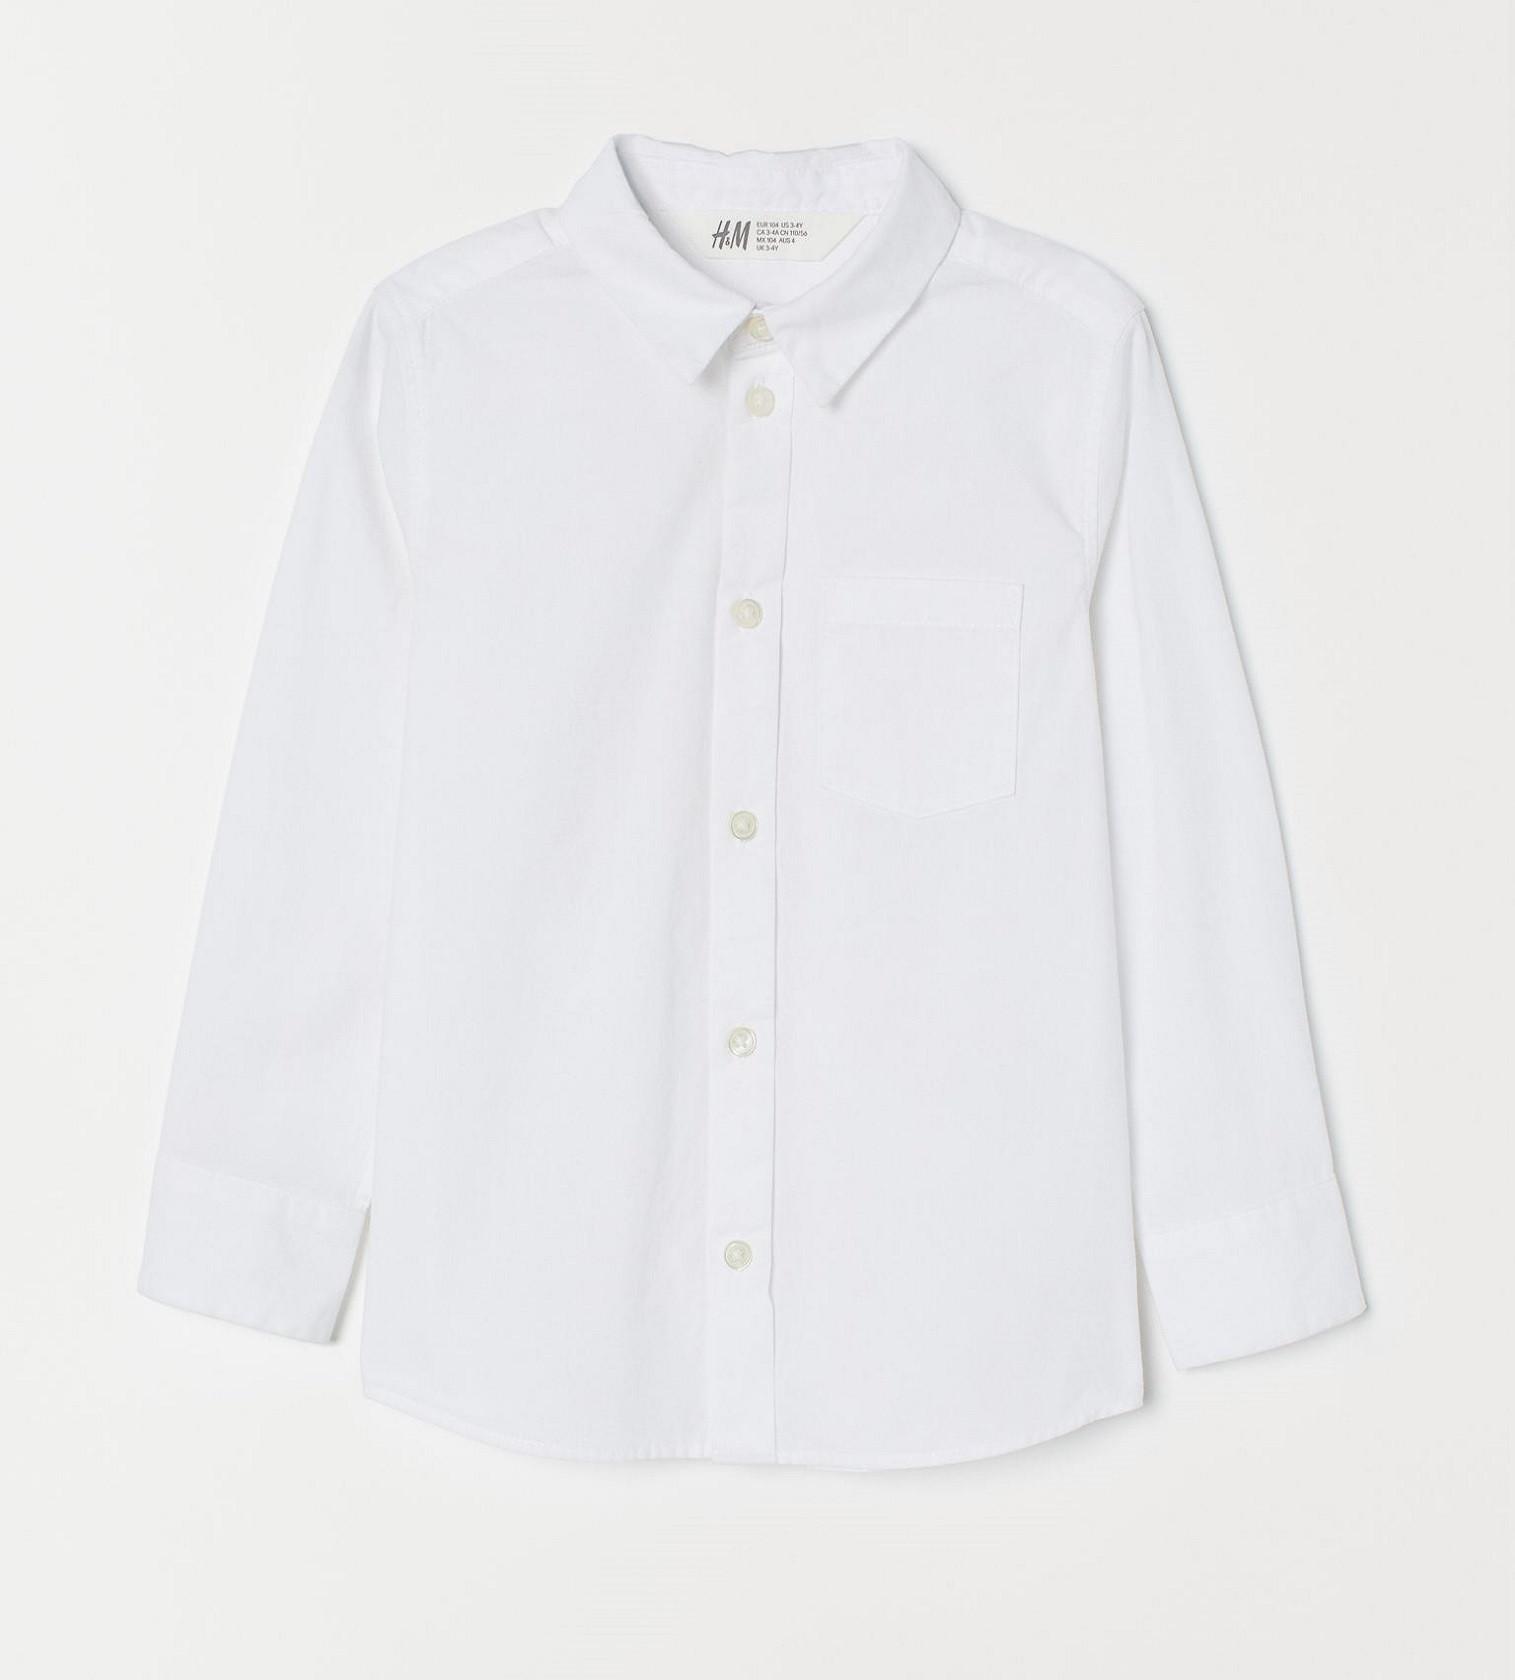 Купити Сорочка H&M Біла - фото 1